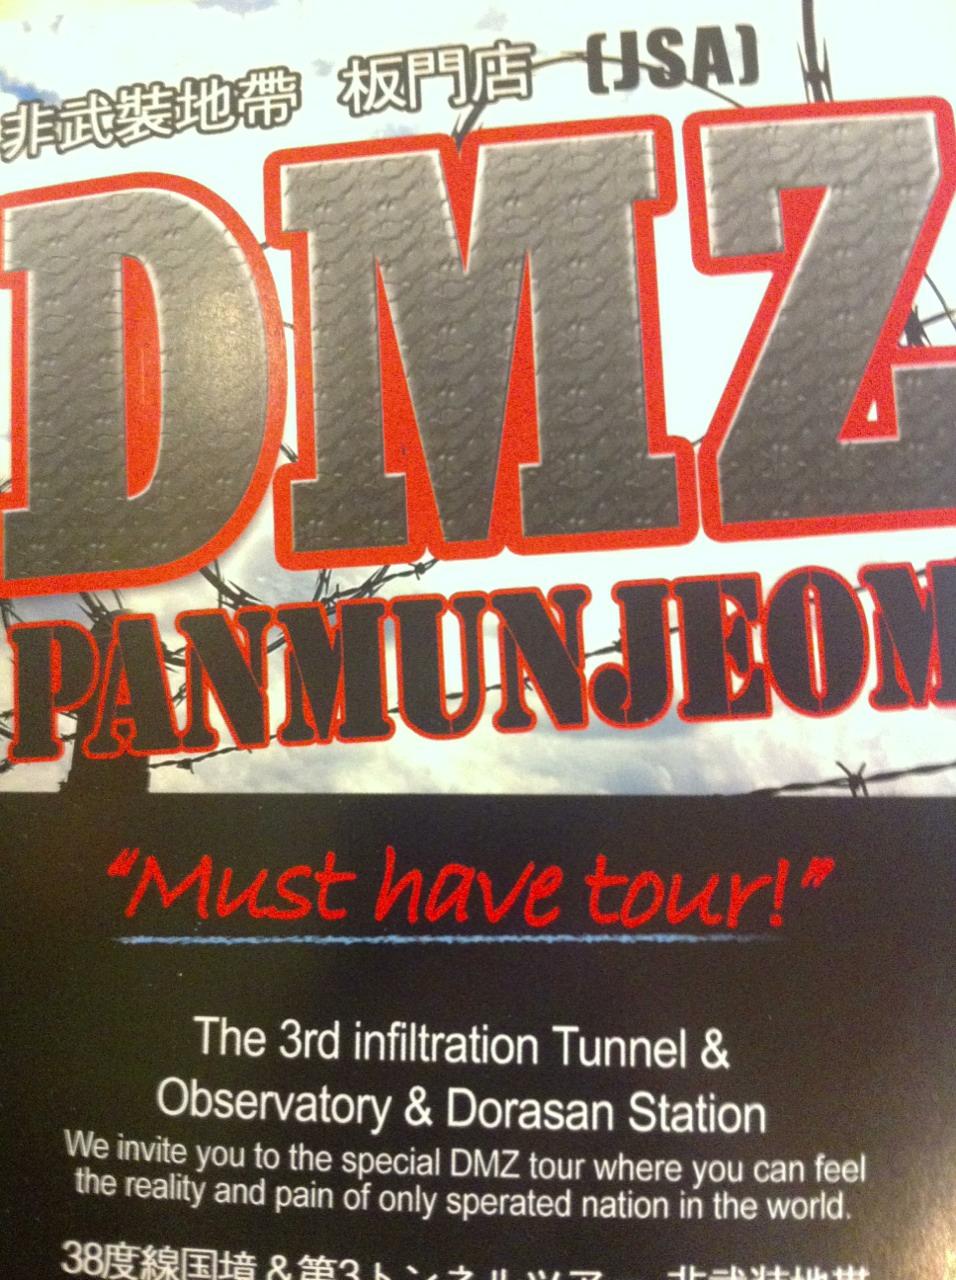 DMZ tour!!